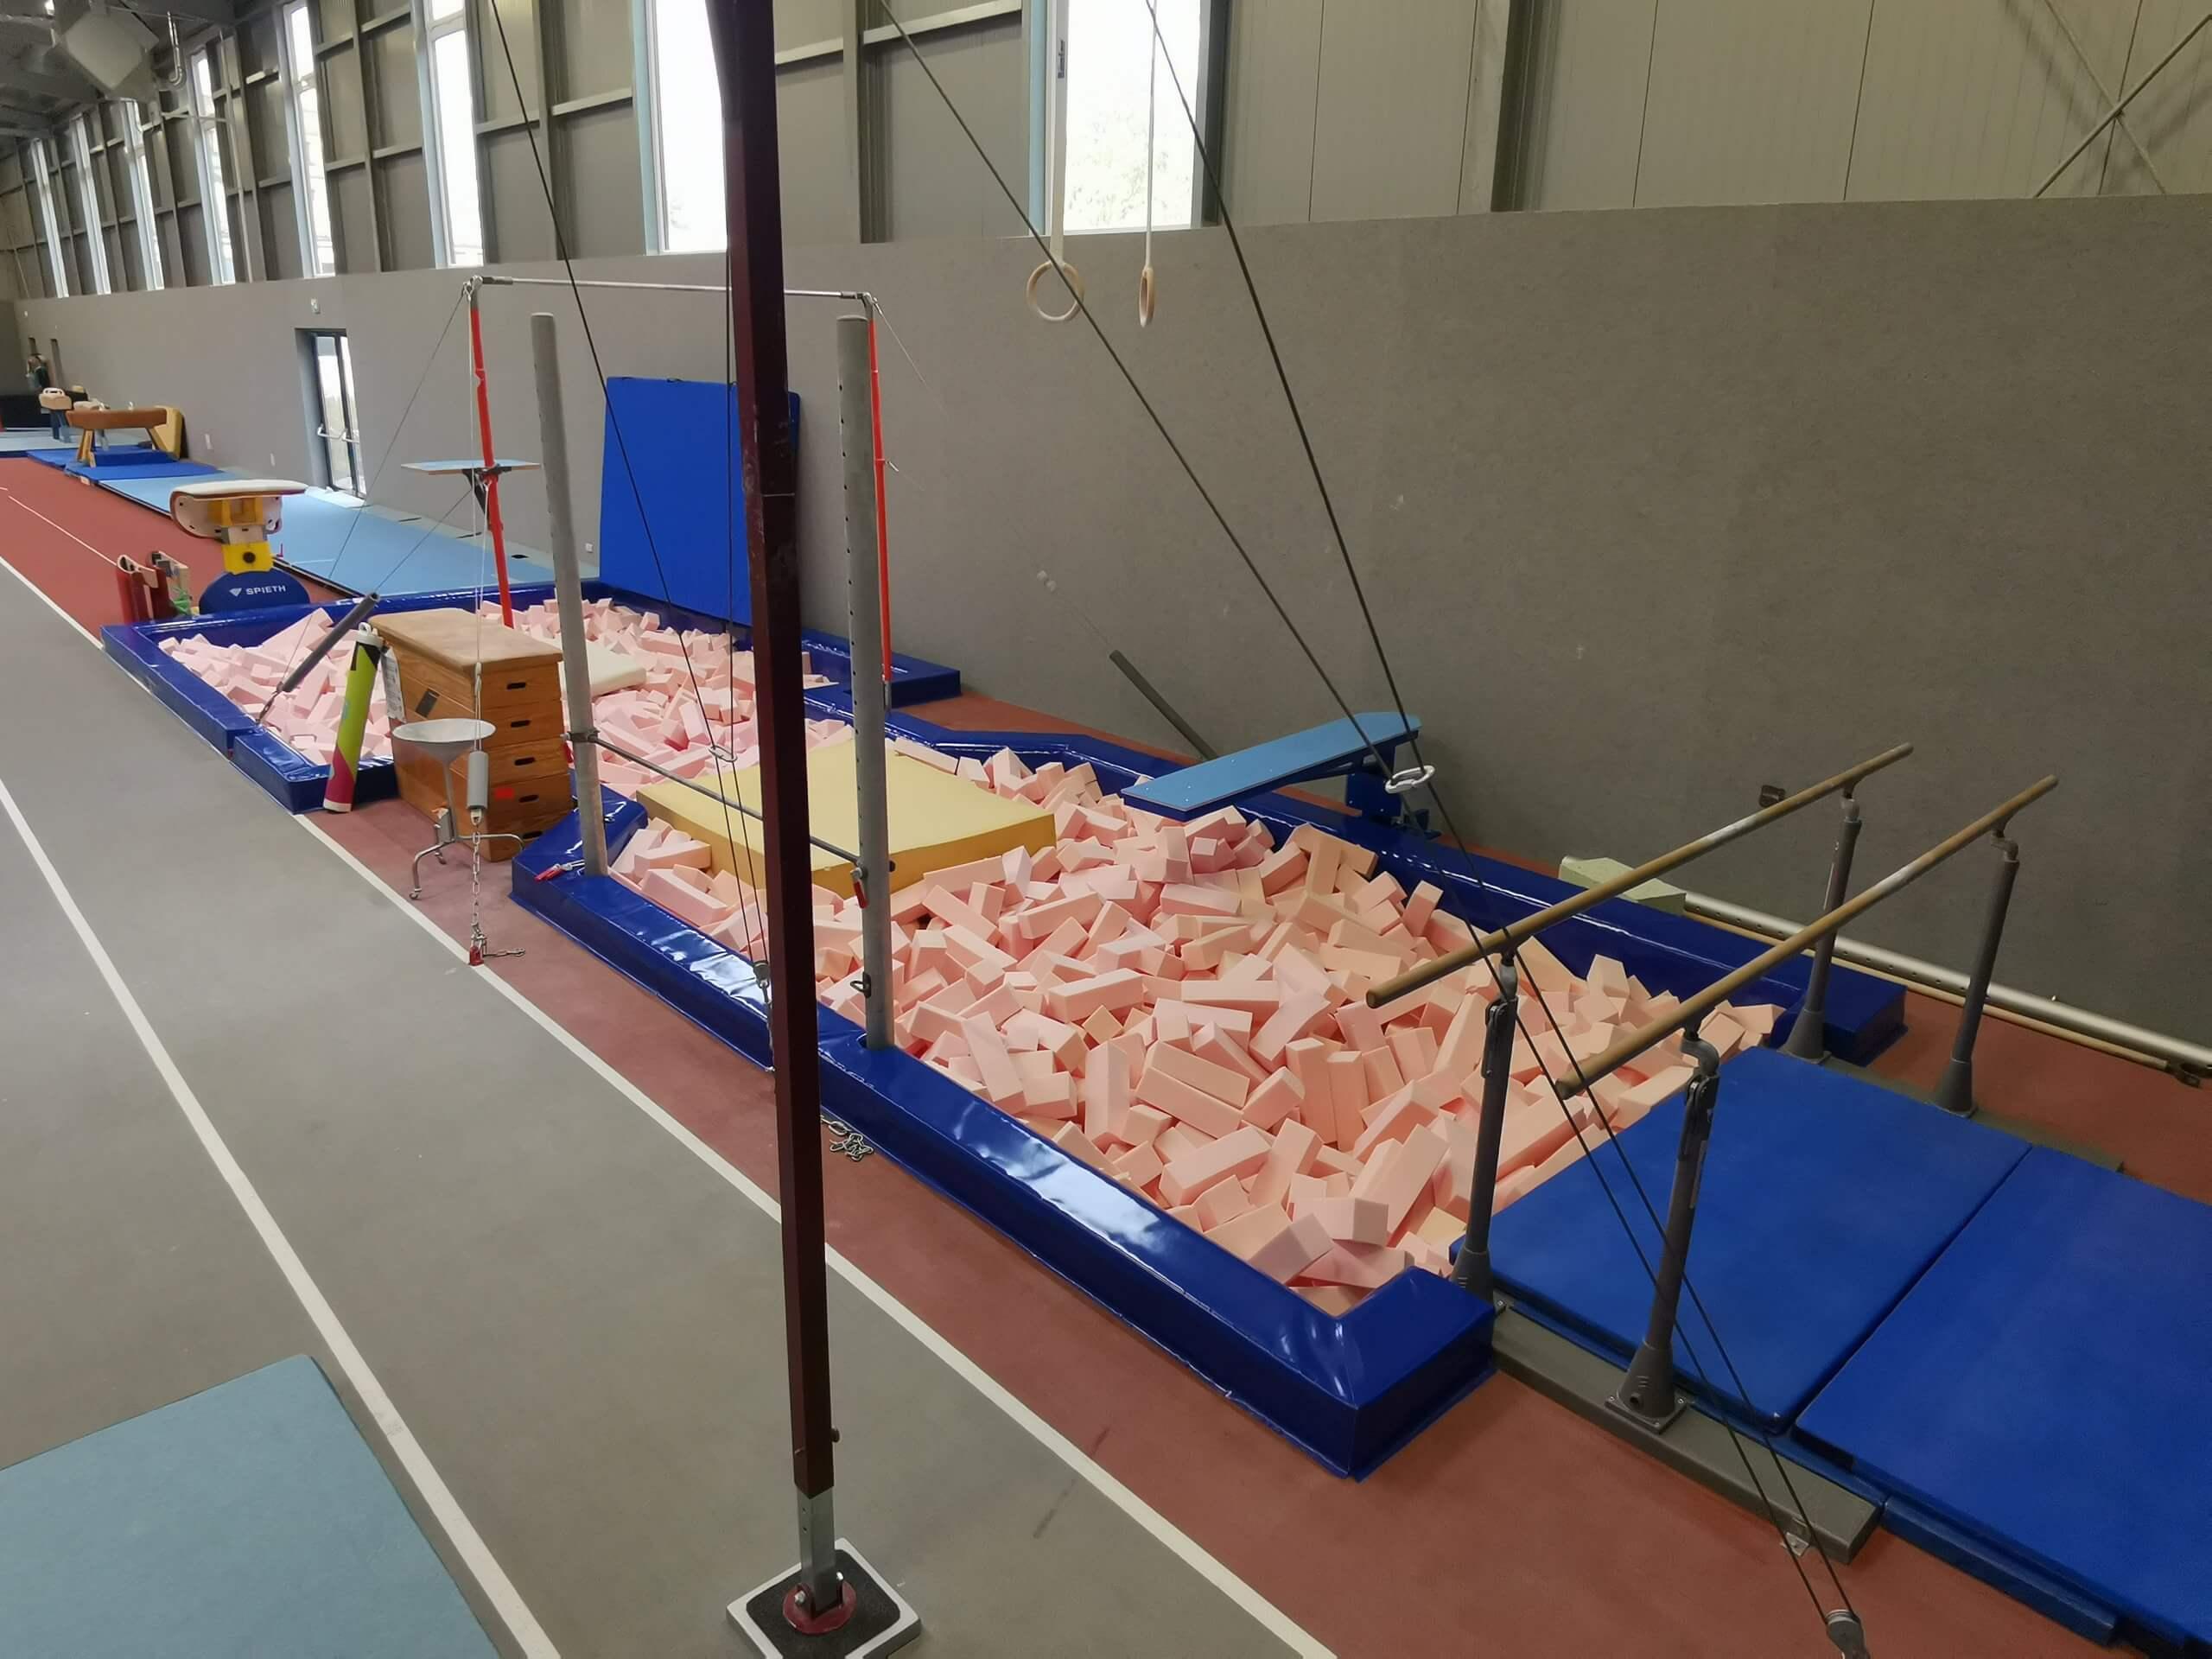 Handwerksarbeiten in neuer Trainingshalle abgeschlossen